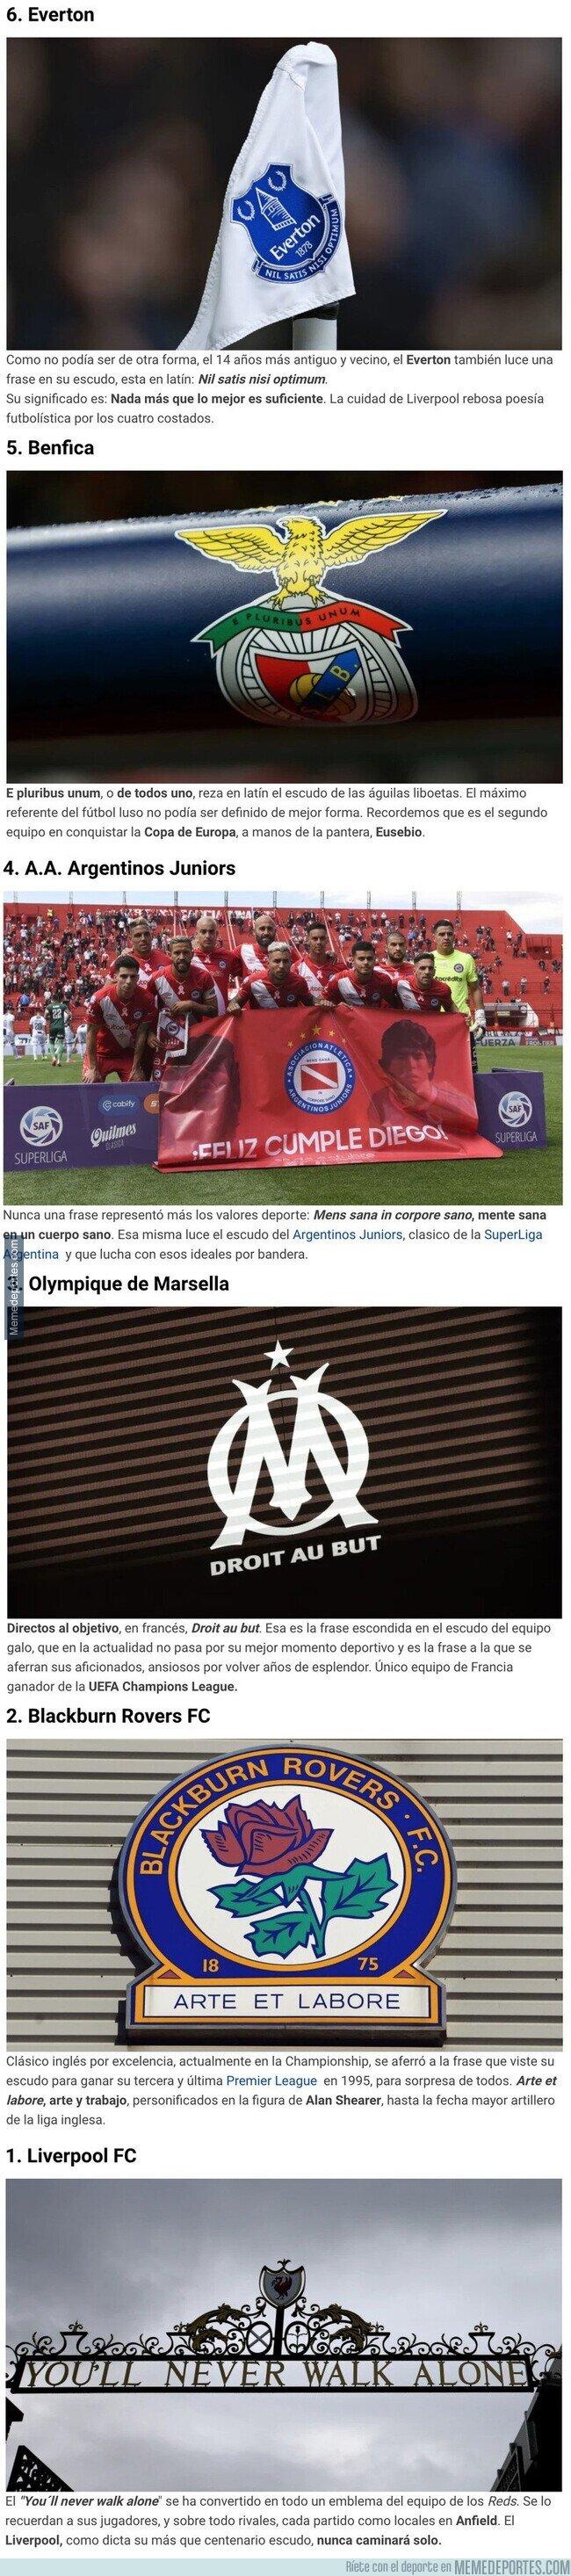 1098159 - 6 frases escondidas en escudos de equipos de fútbol